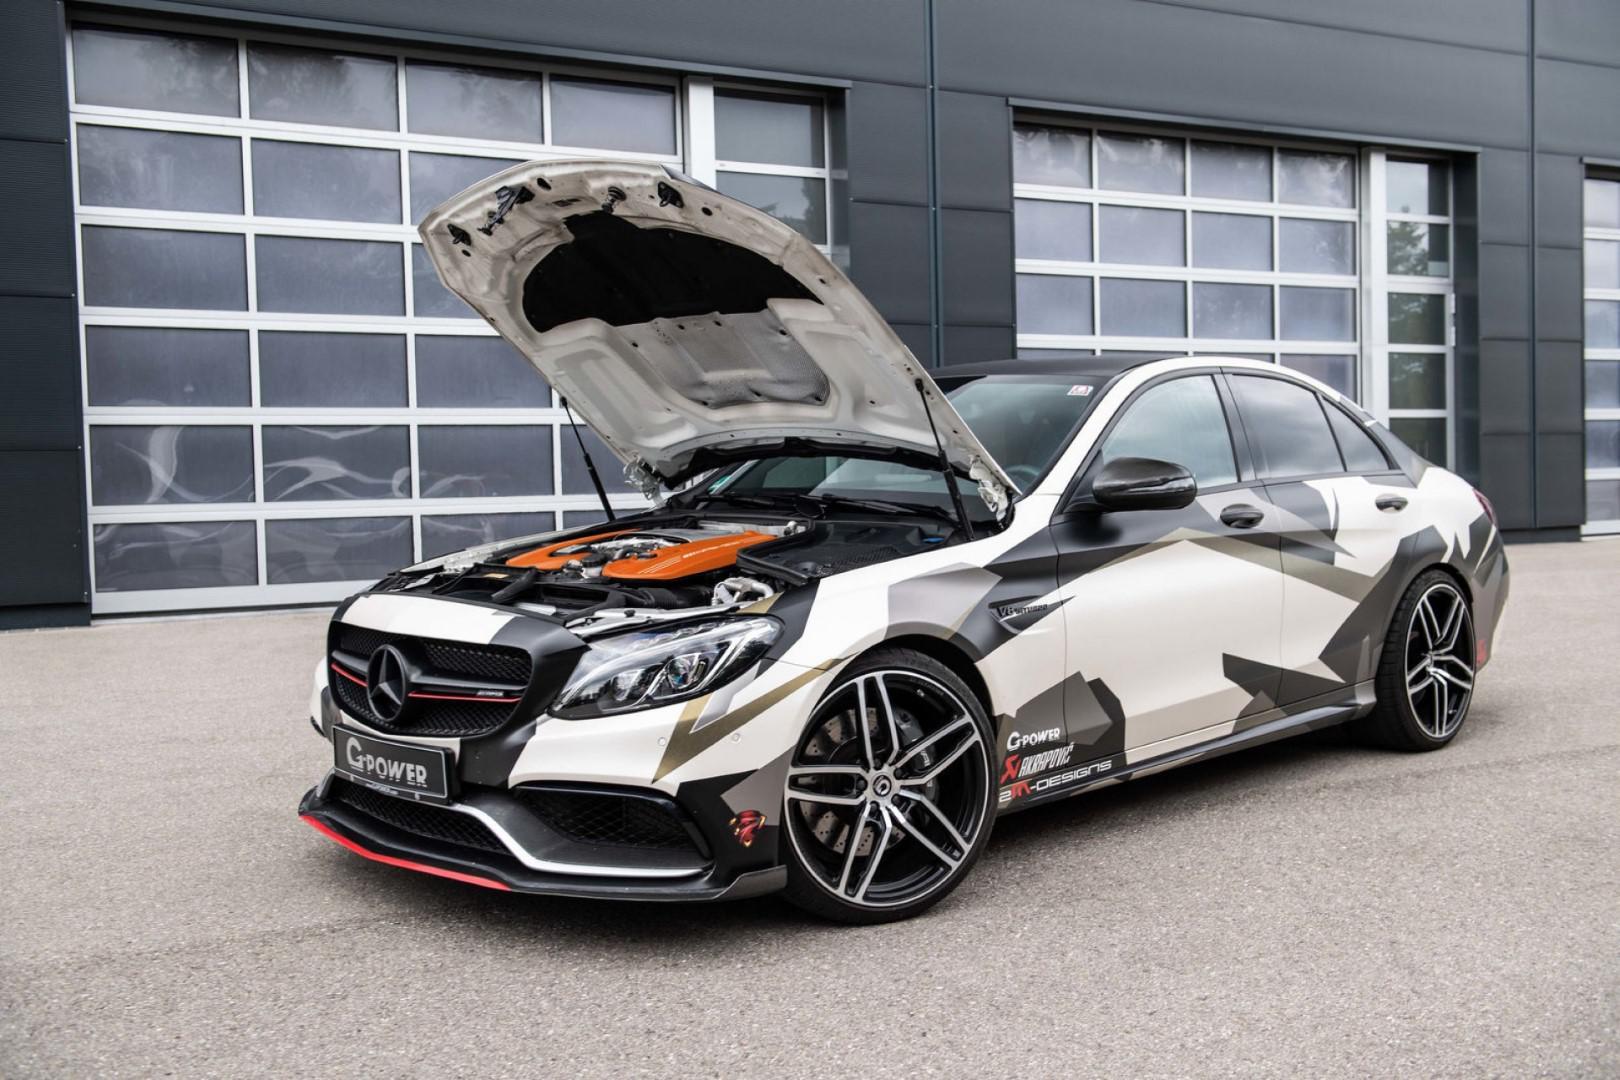 Mercedes-AMG C63 S G-Power : 800 chevaux